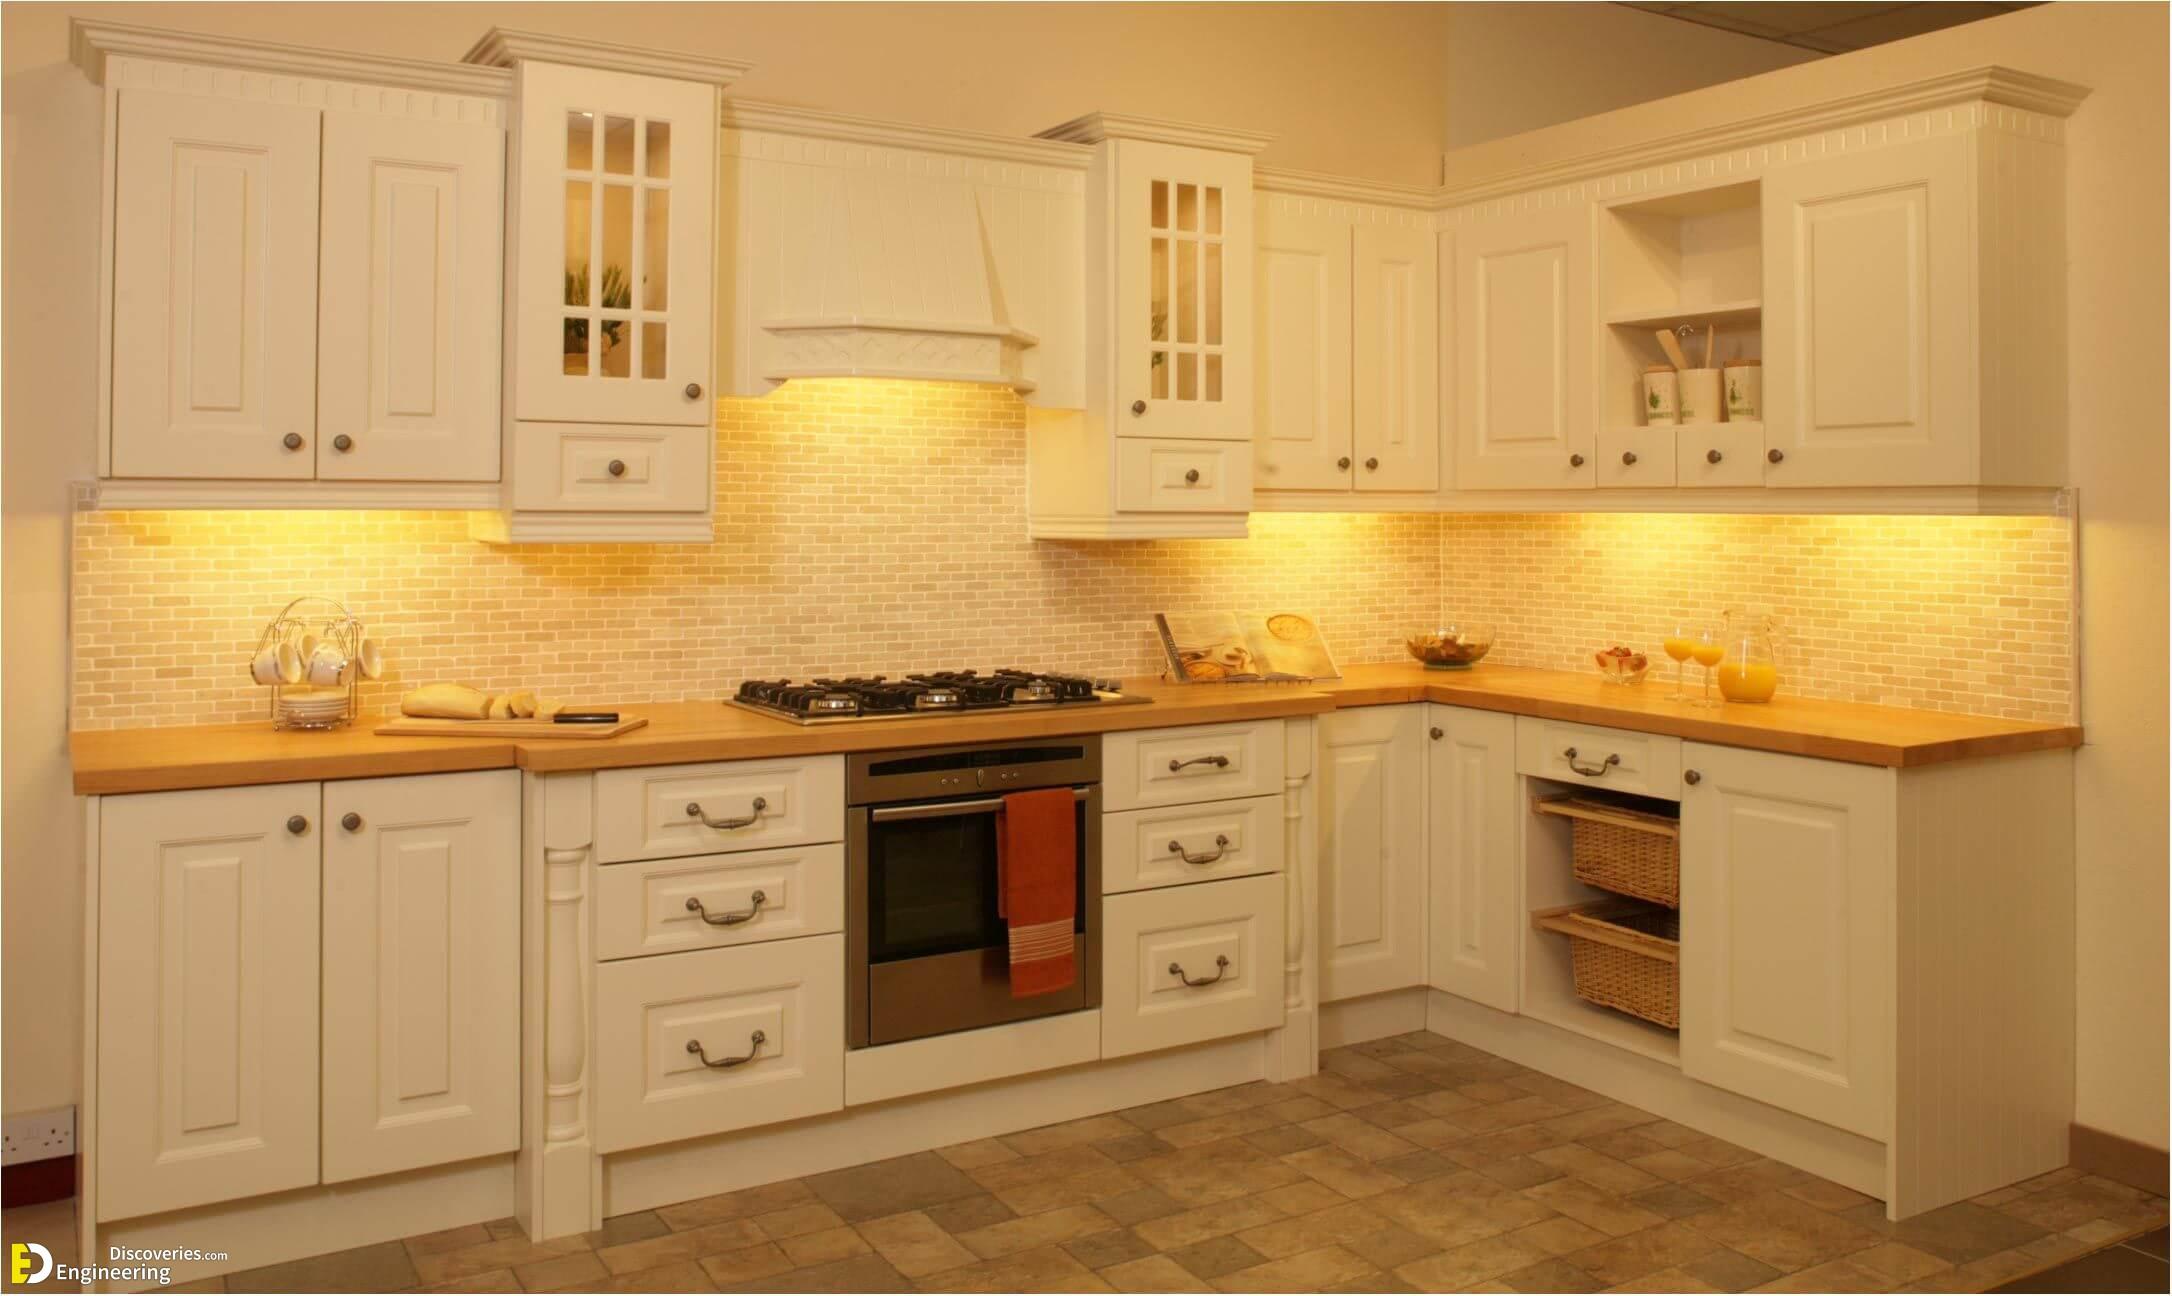 Unique Modern Kitchen Cabinet Design Ideas Engineering